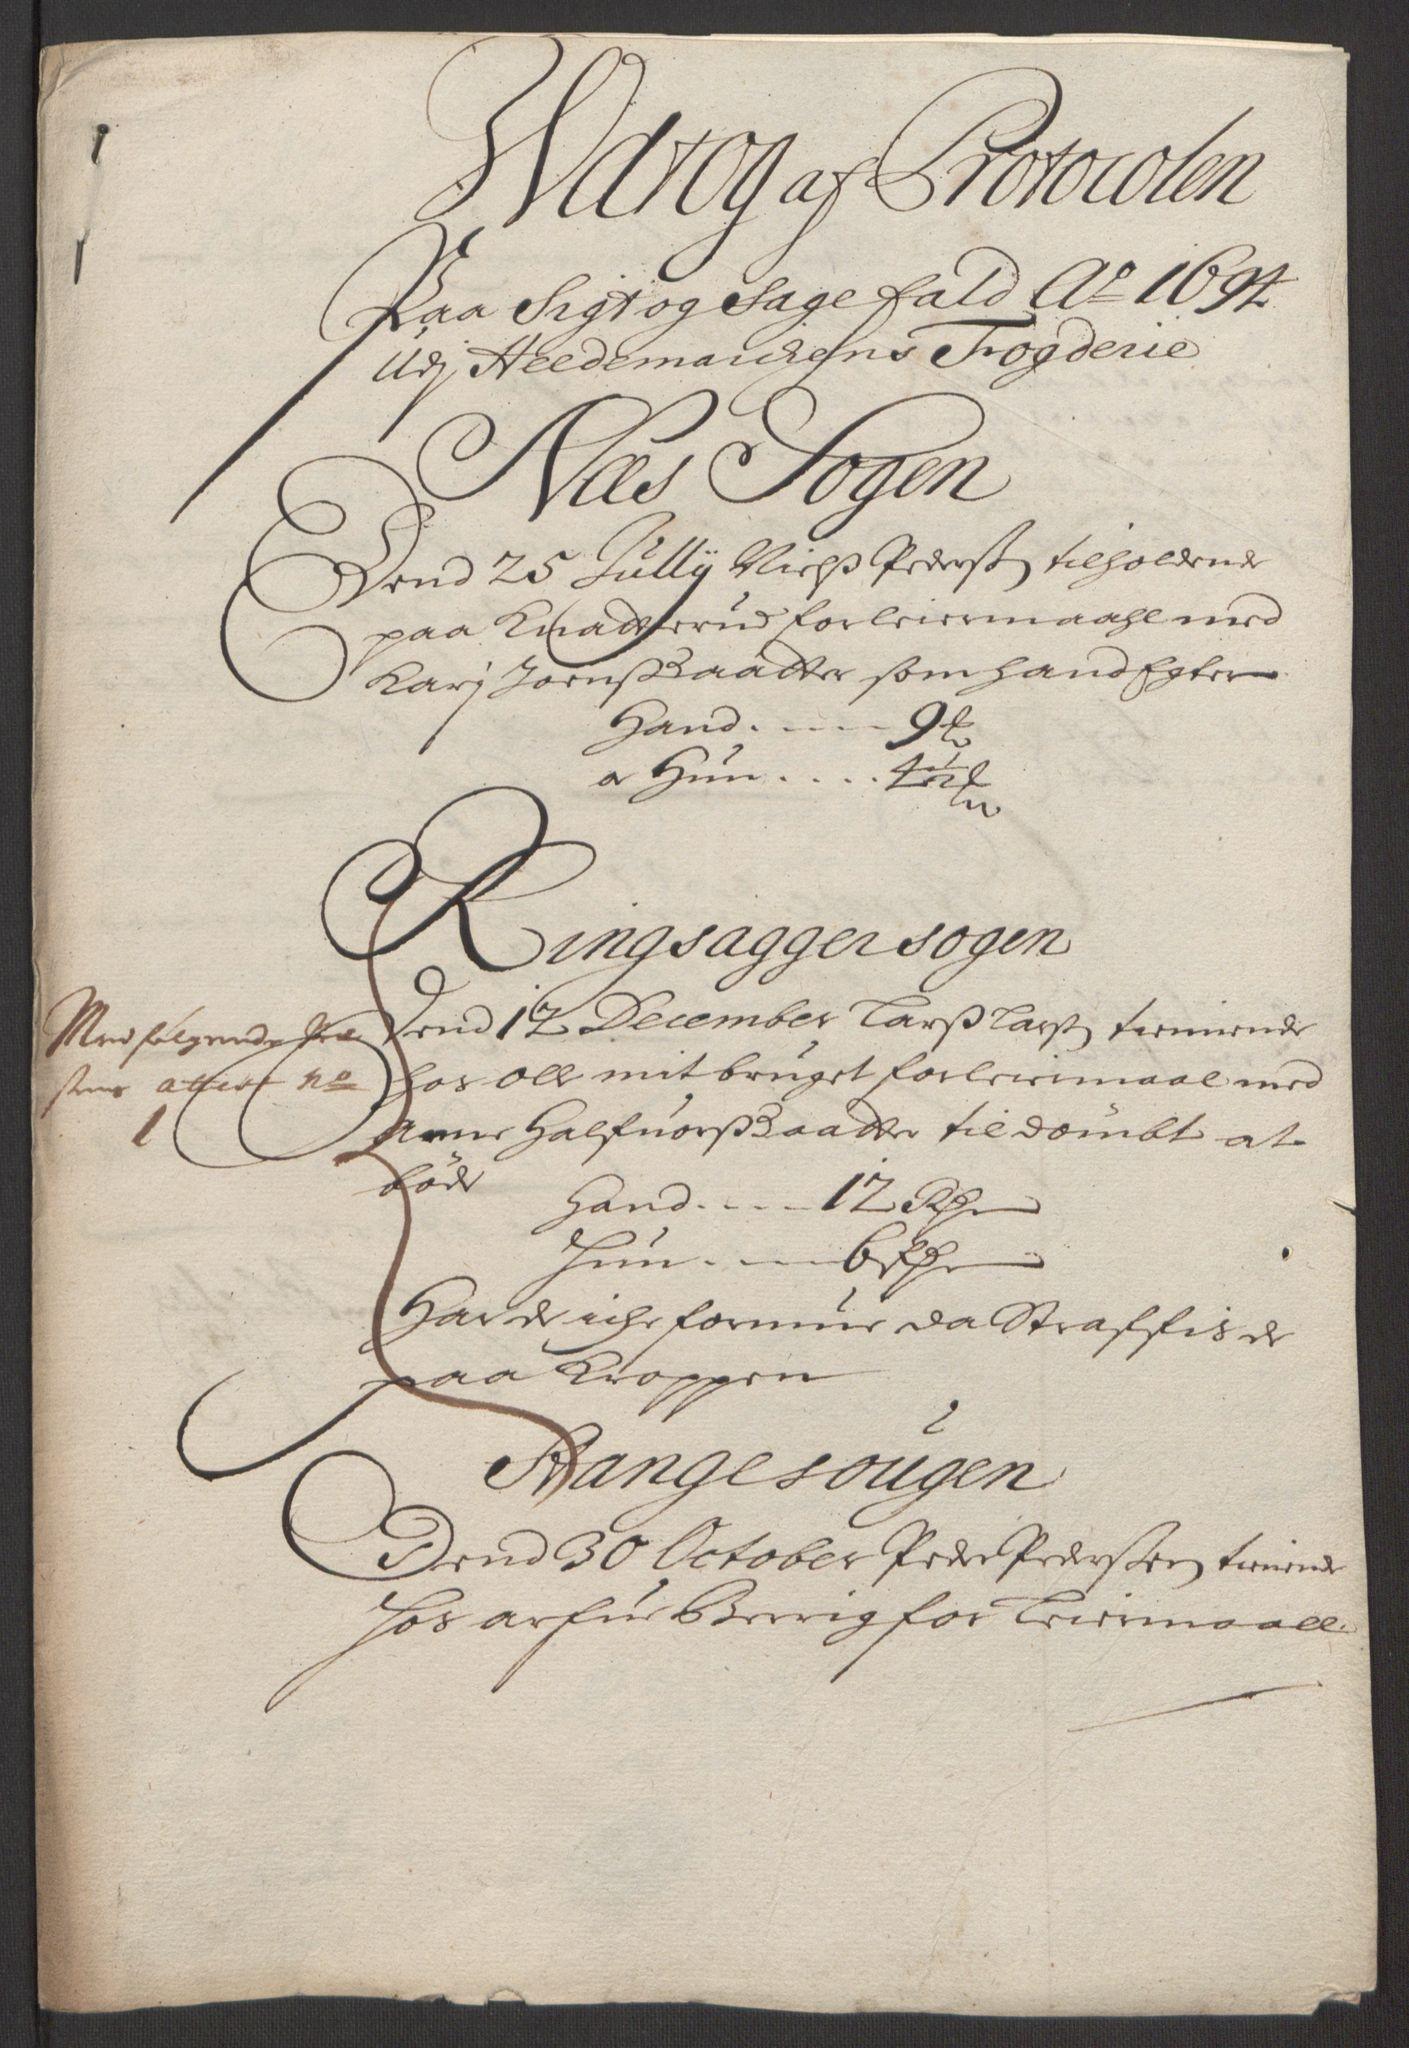 RA, Rentekammeret inntil 1814, Reviderte regnskaper, Fogderegnskap, R16/L1035: Fogderegnskap Hedmark, 1694, s. 71